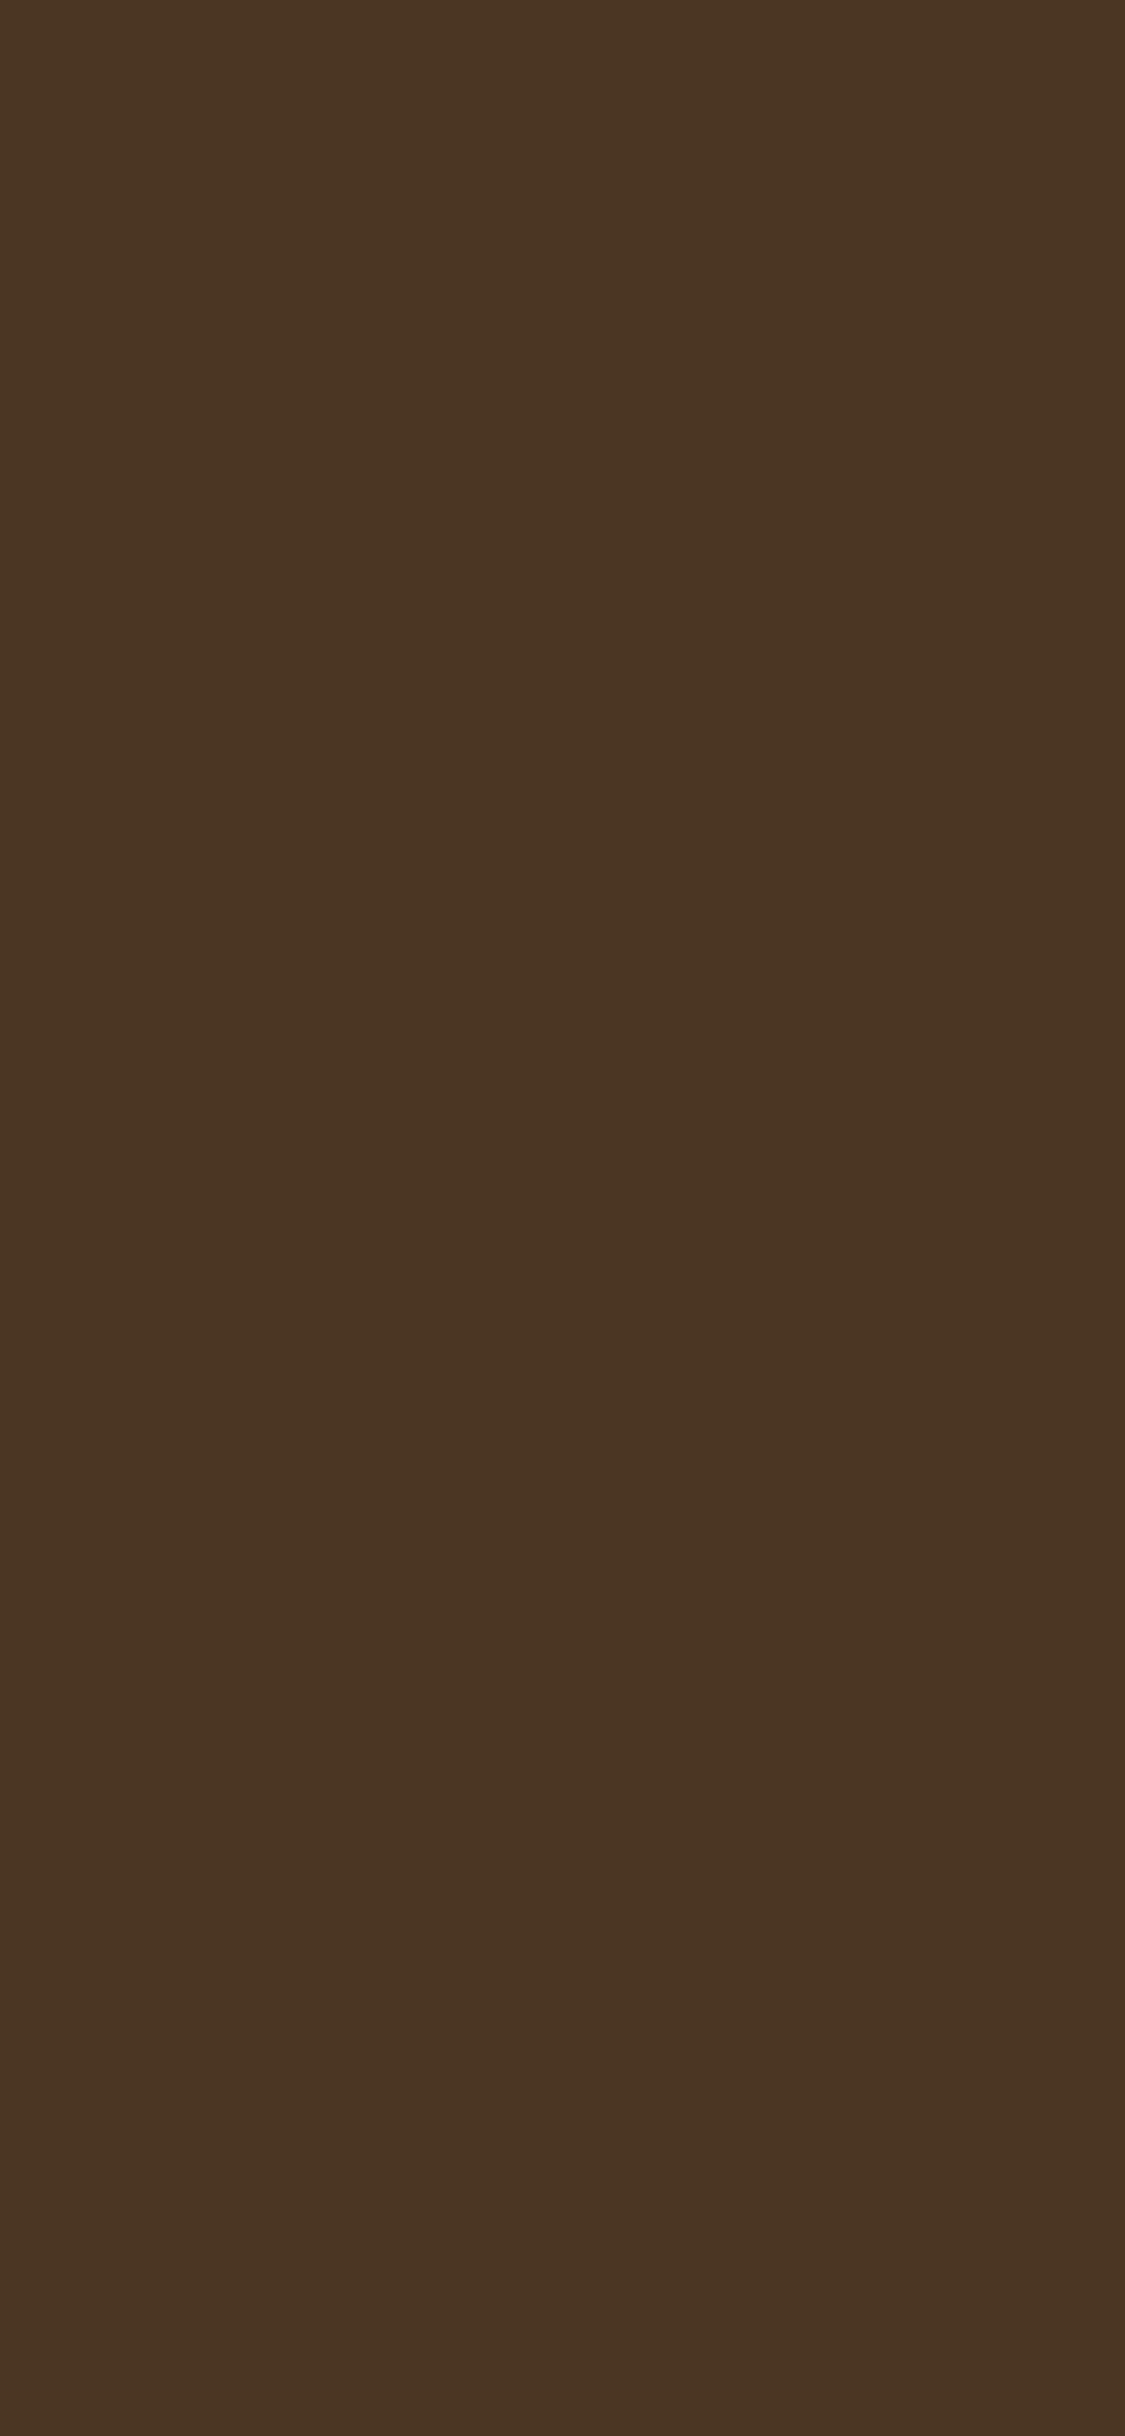 1125x2436 Cafe Noir Solid Color Background